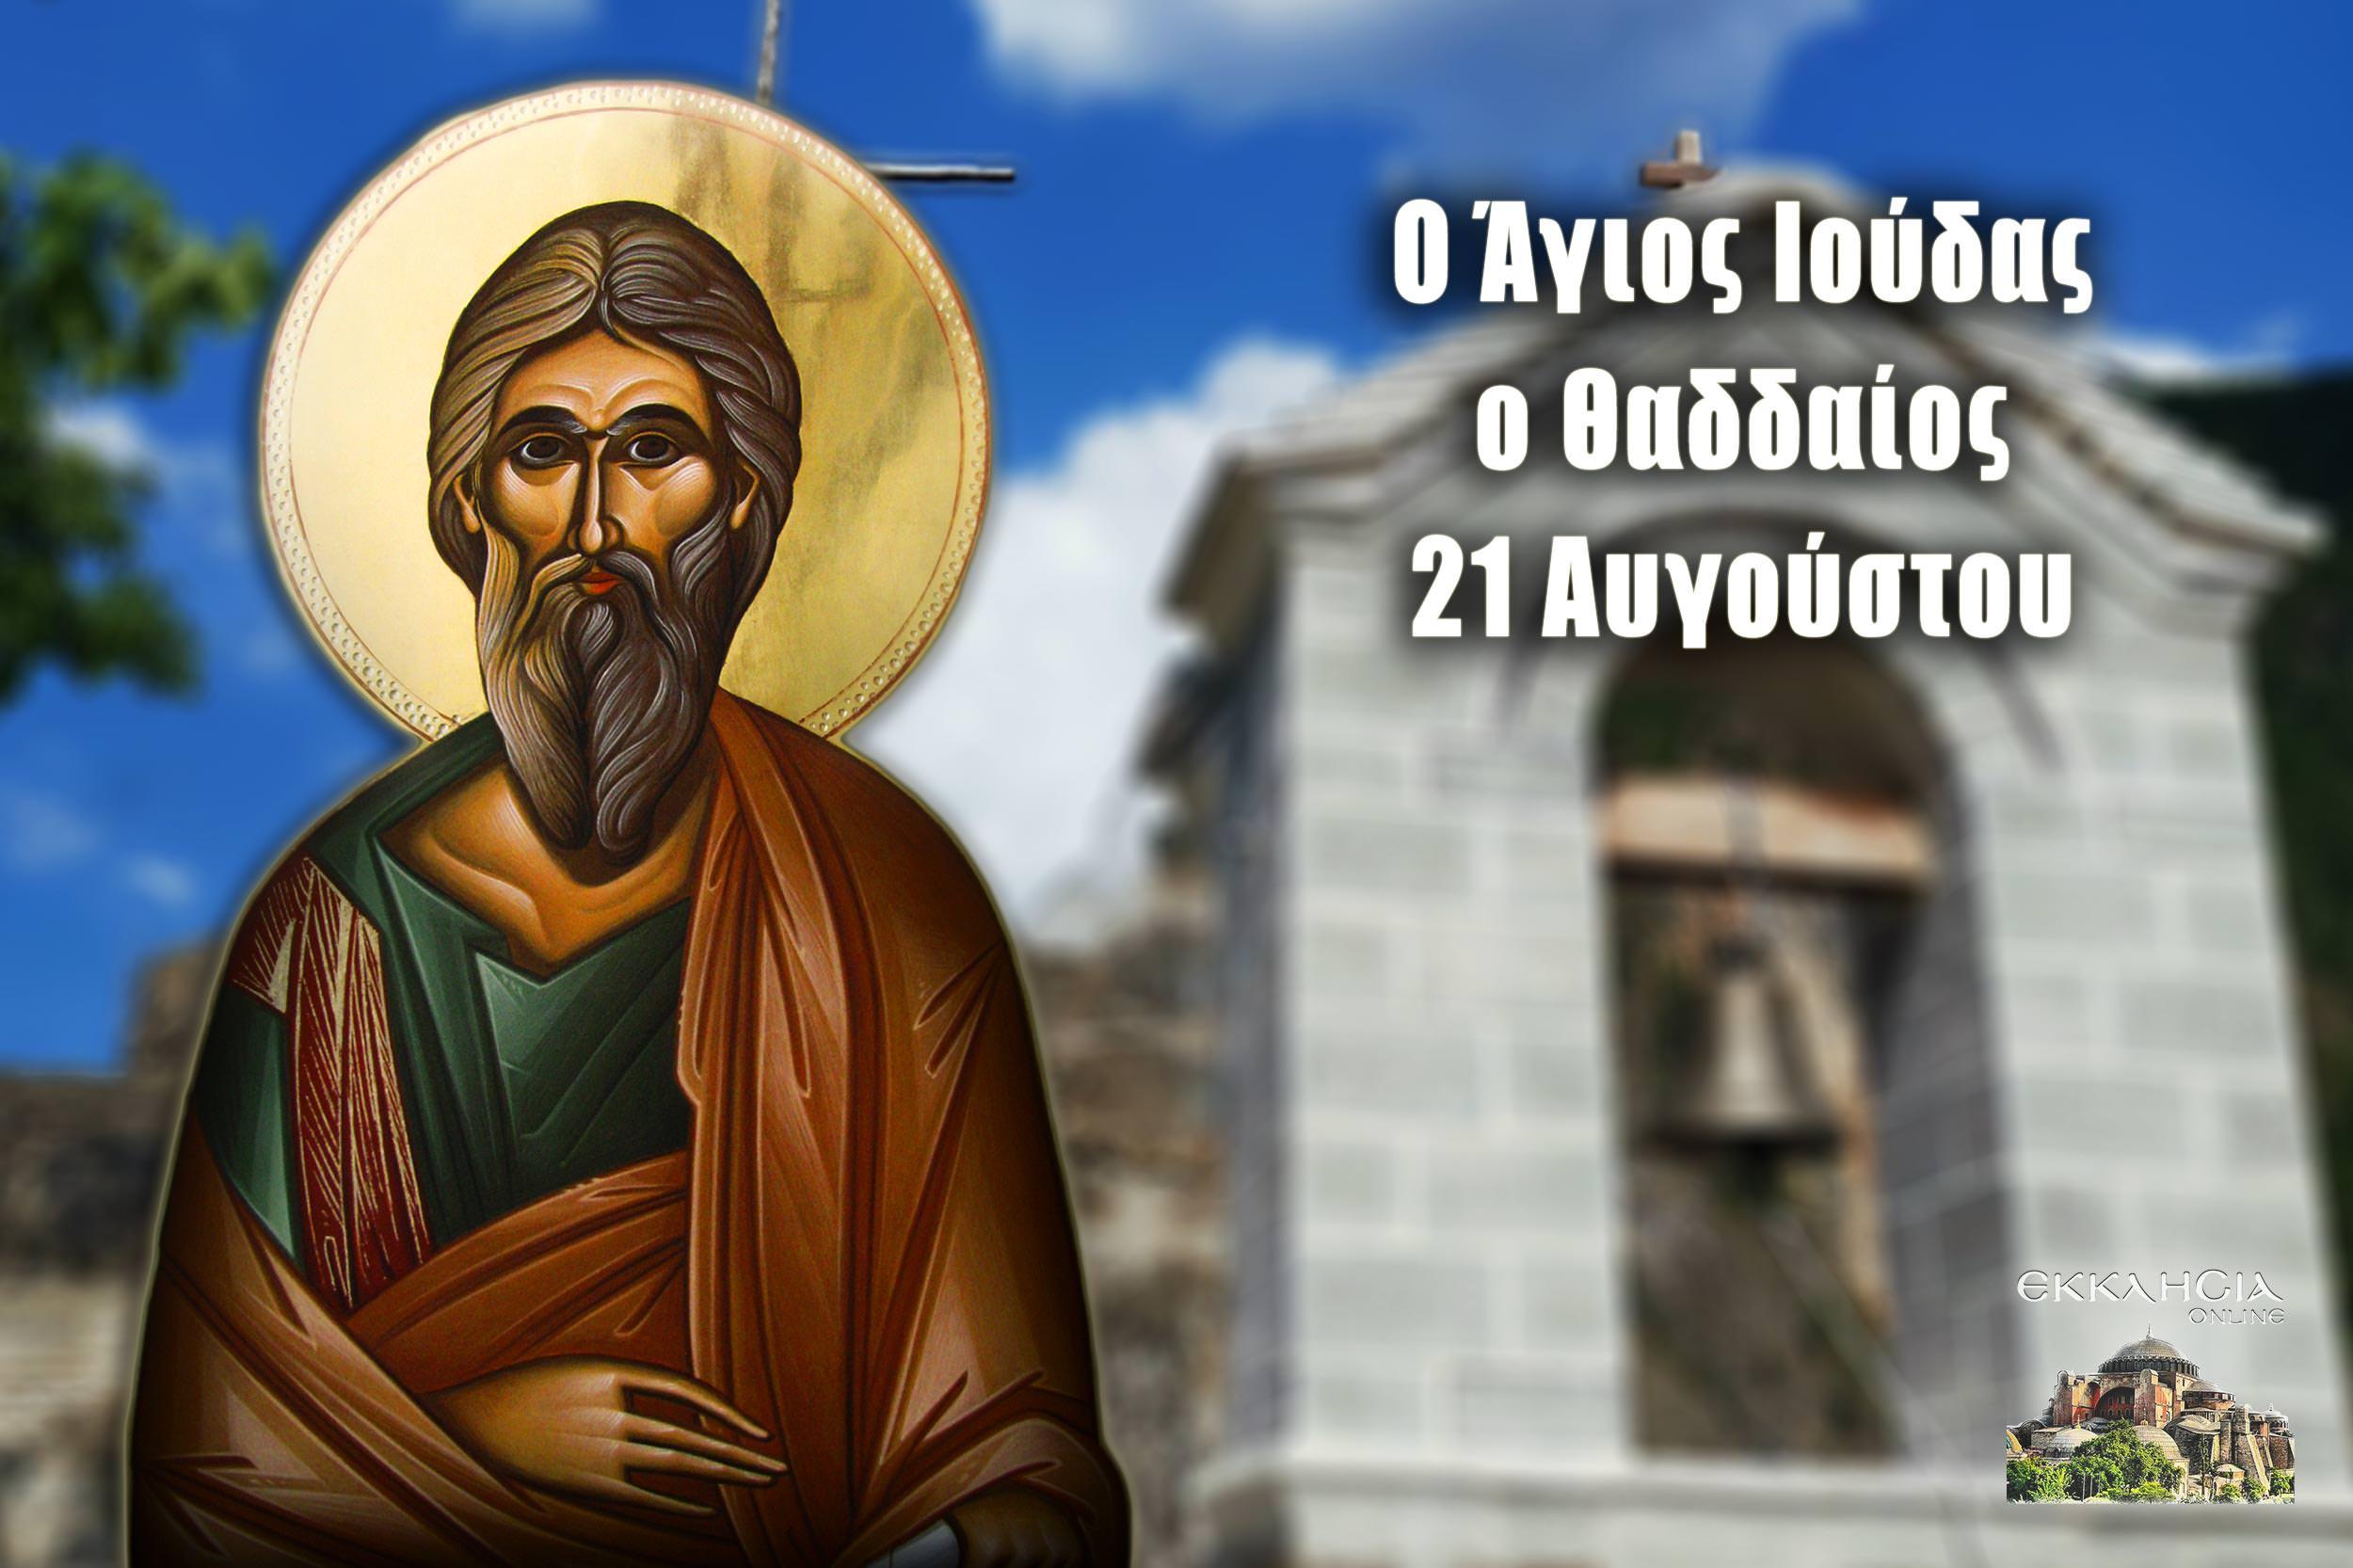 Άγιος Ιούδας ο Θαδδαίος ο Απόστολος 21 Αυγούστου